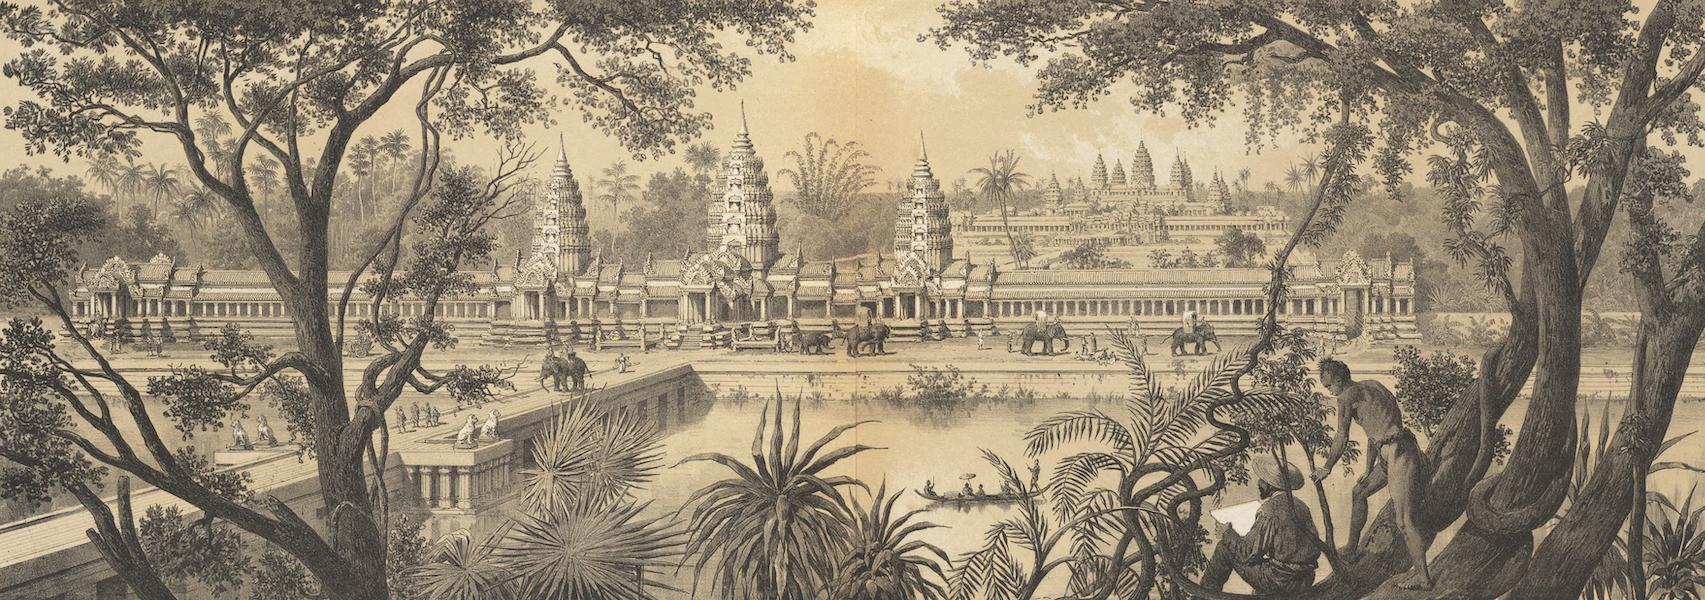 Voyage d'Exploration en Indo-Chine [Atlas-Vol. 1] - Colonnade de l'Entree Quest et Vue Generale d'Angcor Wat (1873)